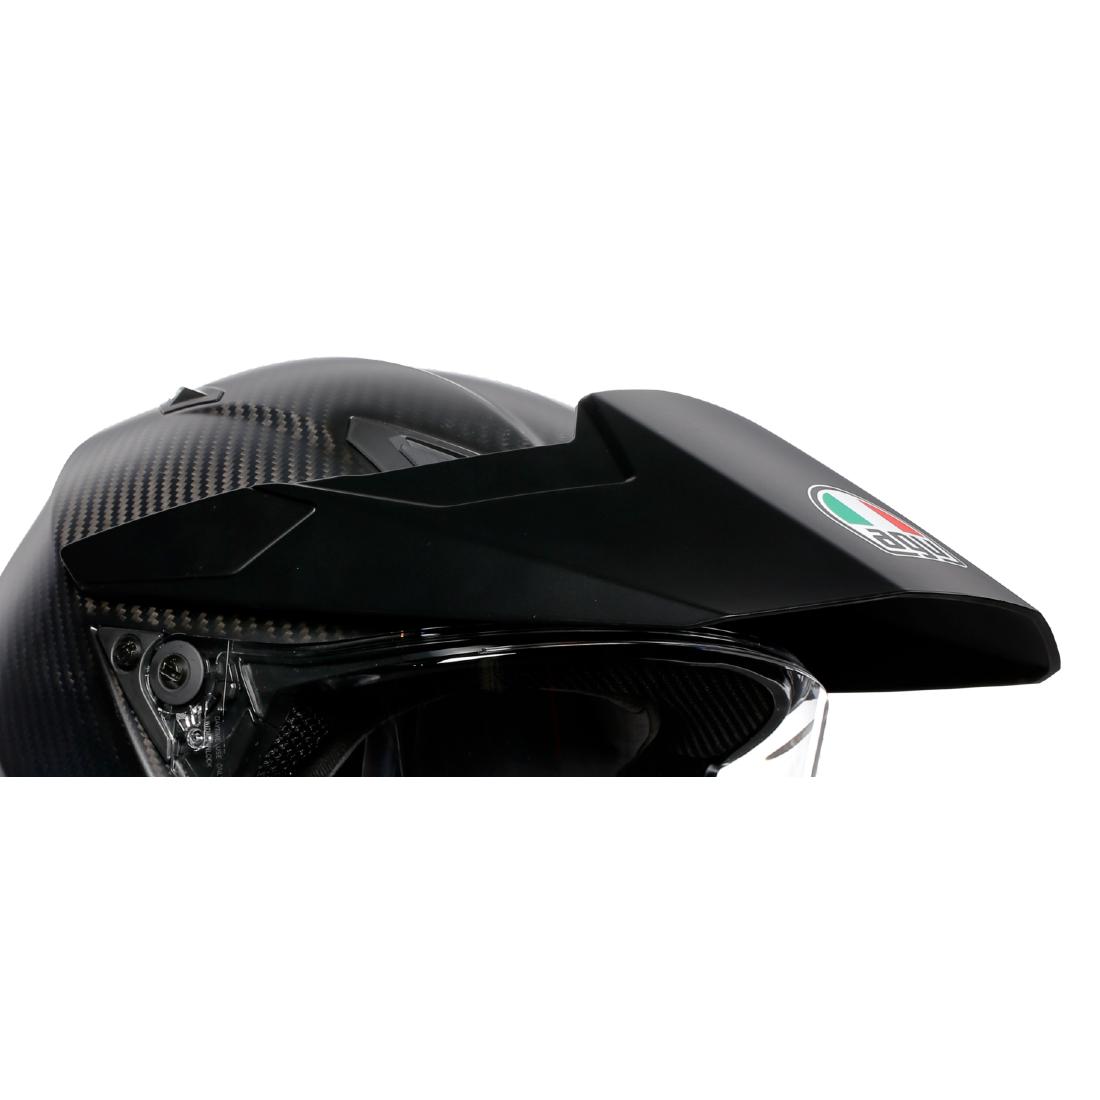 AGV(エージーブイ) ヘルメットパーツ バイザー AX9用 KIT PEAK + COVER + SCR AX9 (ピーク・カバー・スクリューセット) マットブラック KIT76324-001-N